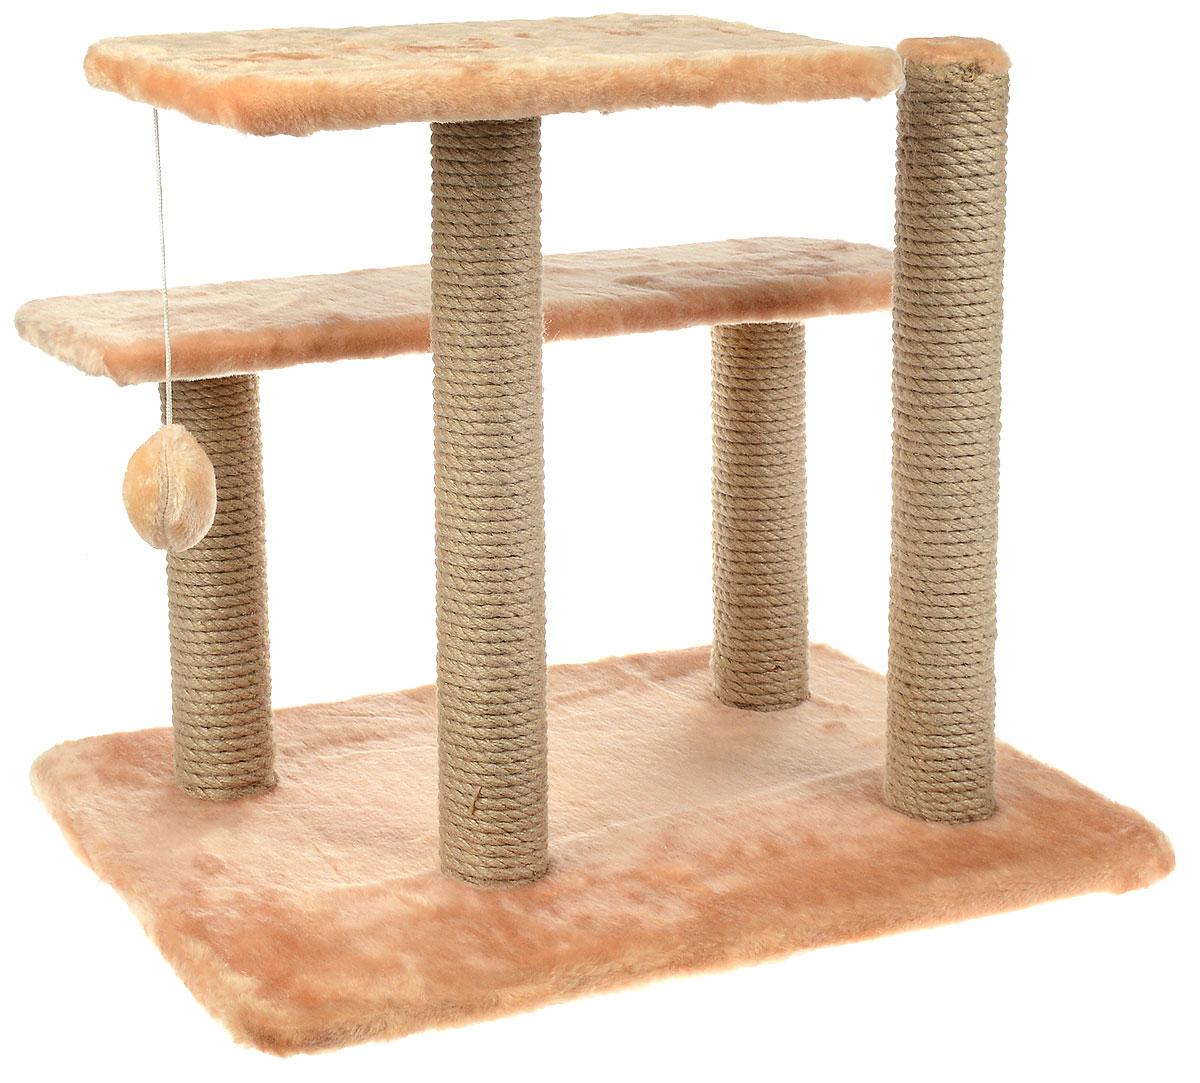 Игровой комплекс для кошек Меридиан, с игрушкой и когтеточками, цвет: светло-коричневый, бежевый, 61 х 41 х 53 см лежак для кошек меридиан ботинок 61 х 38 х 33 см